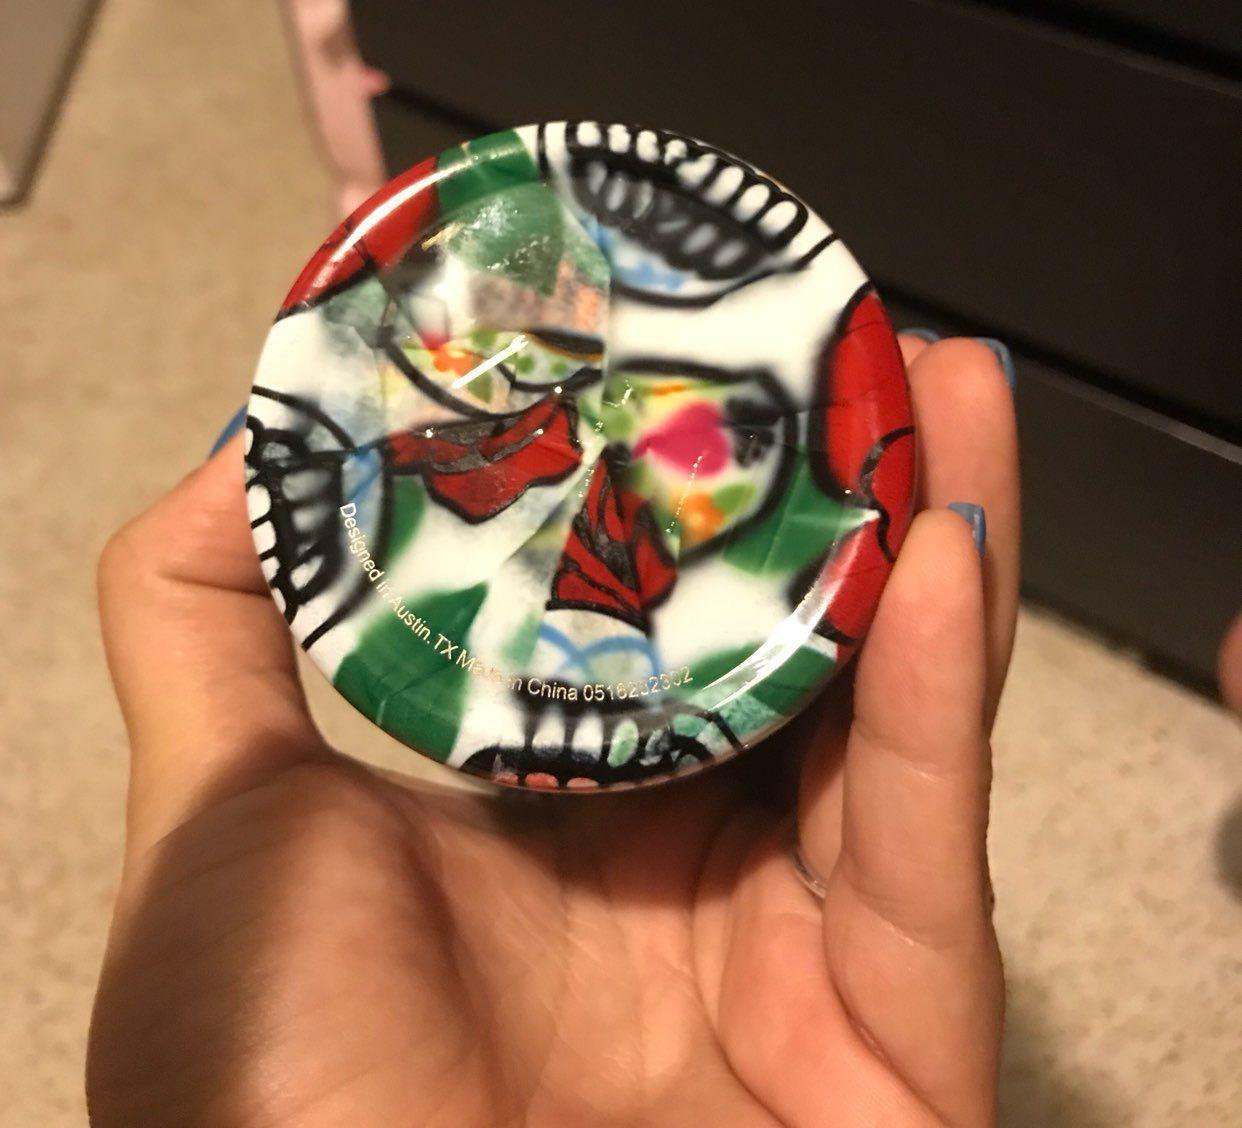 Sugar Skulls Customized Yeti Oz Mercari BUY SELL THINGS YOU - Sugar skull yeti cup